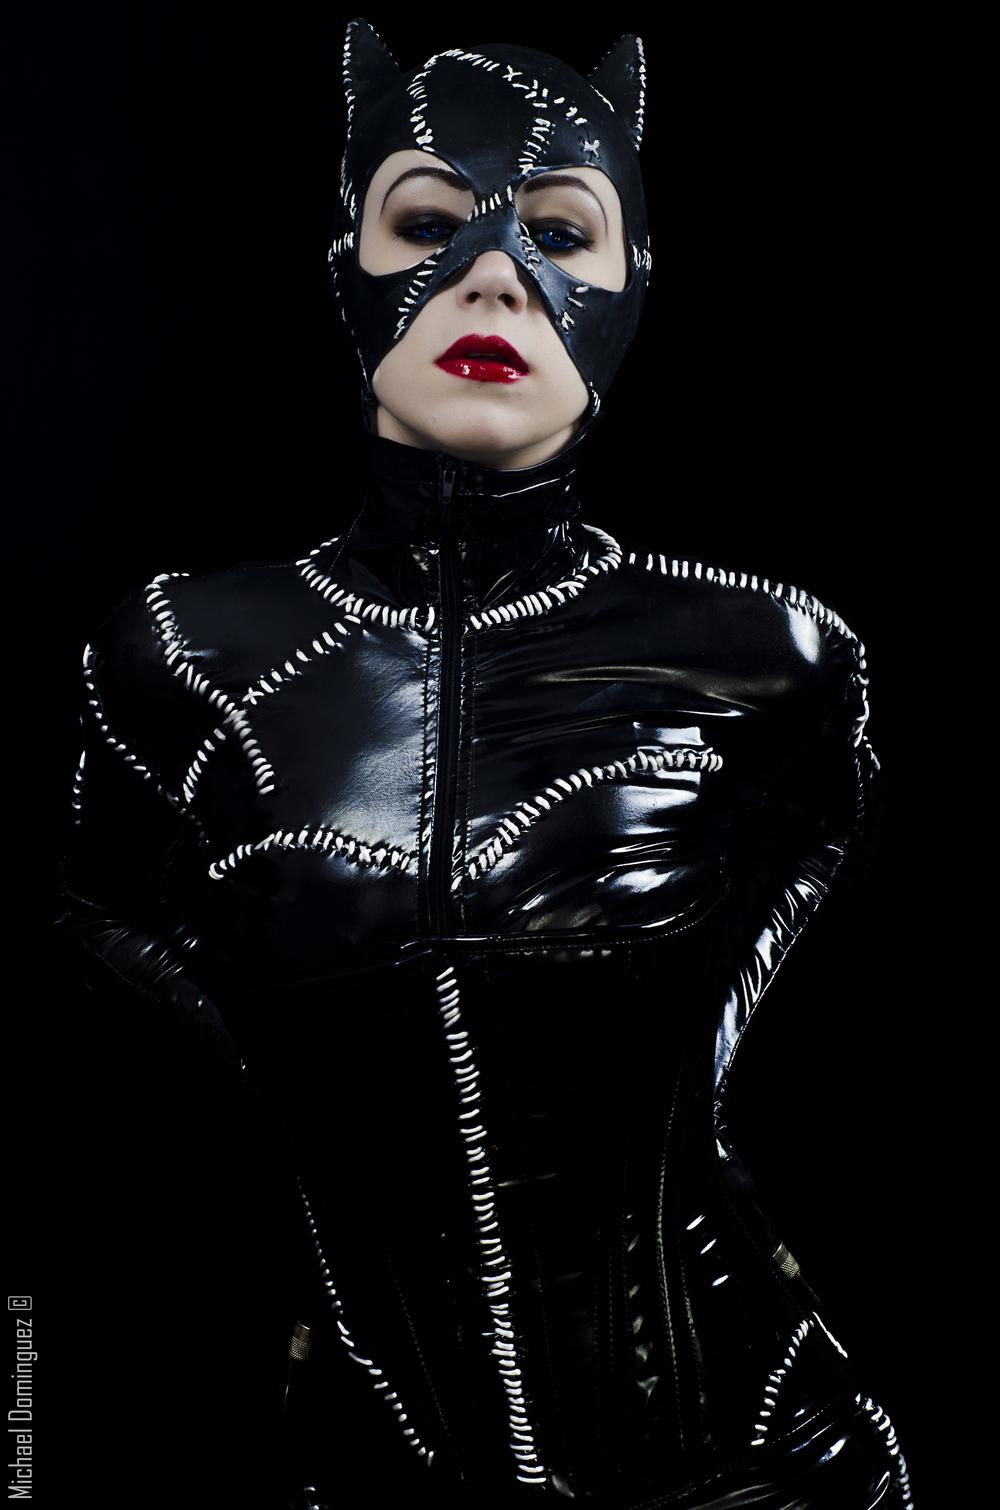 Velvet Neko Cosplay  is Catwoman — Photo by  Dominguez Michael